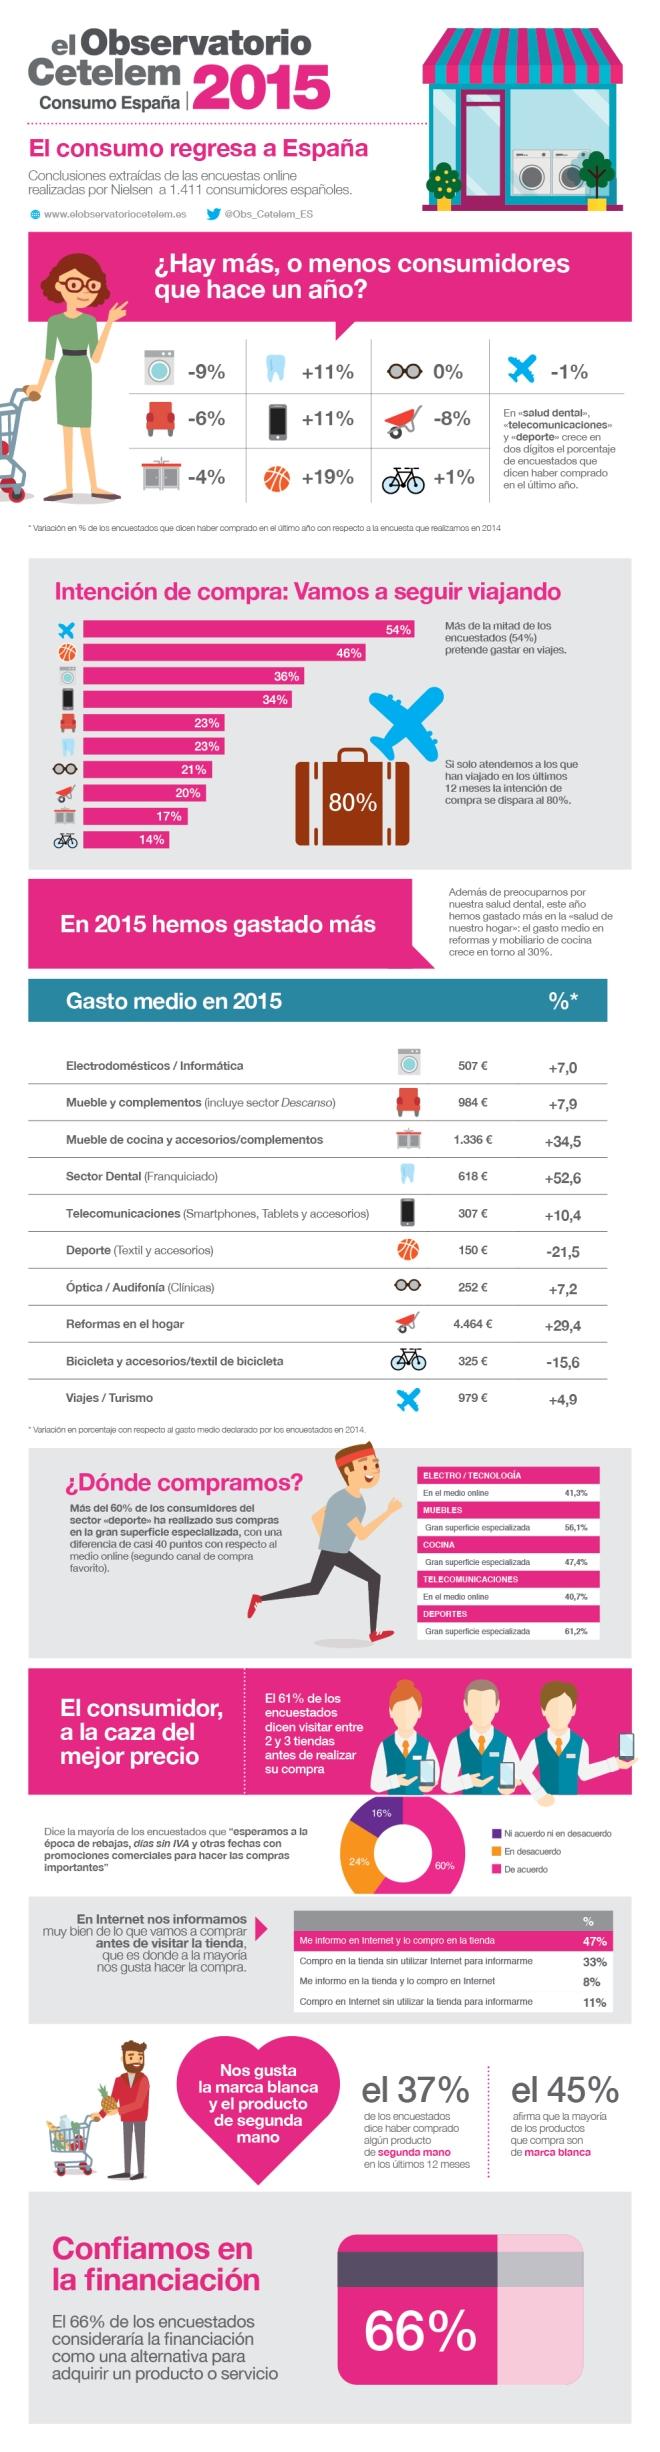 Consumo en España 2015